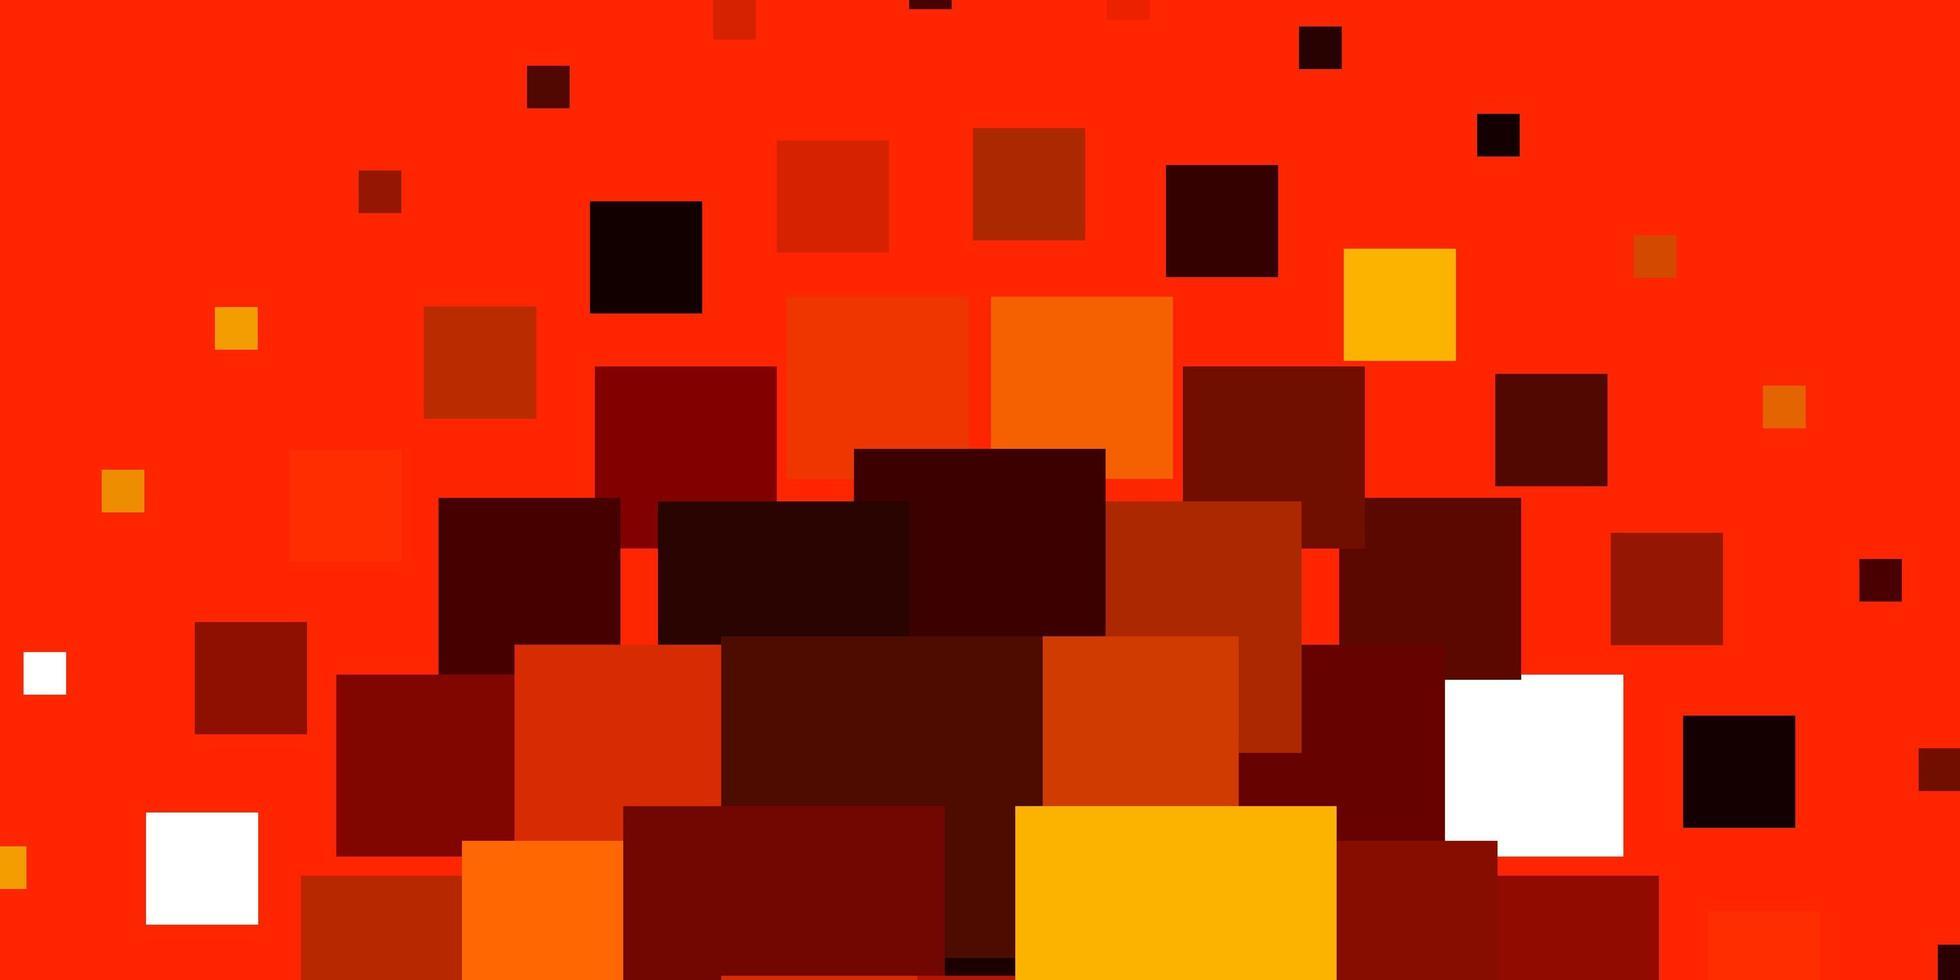 lichtoranje vector sjabloon in rechthoeken.